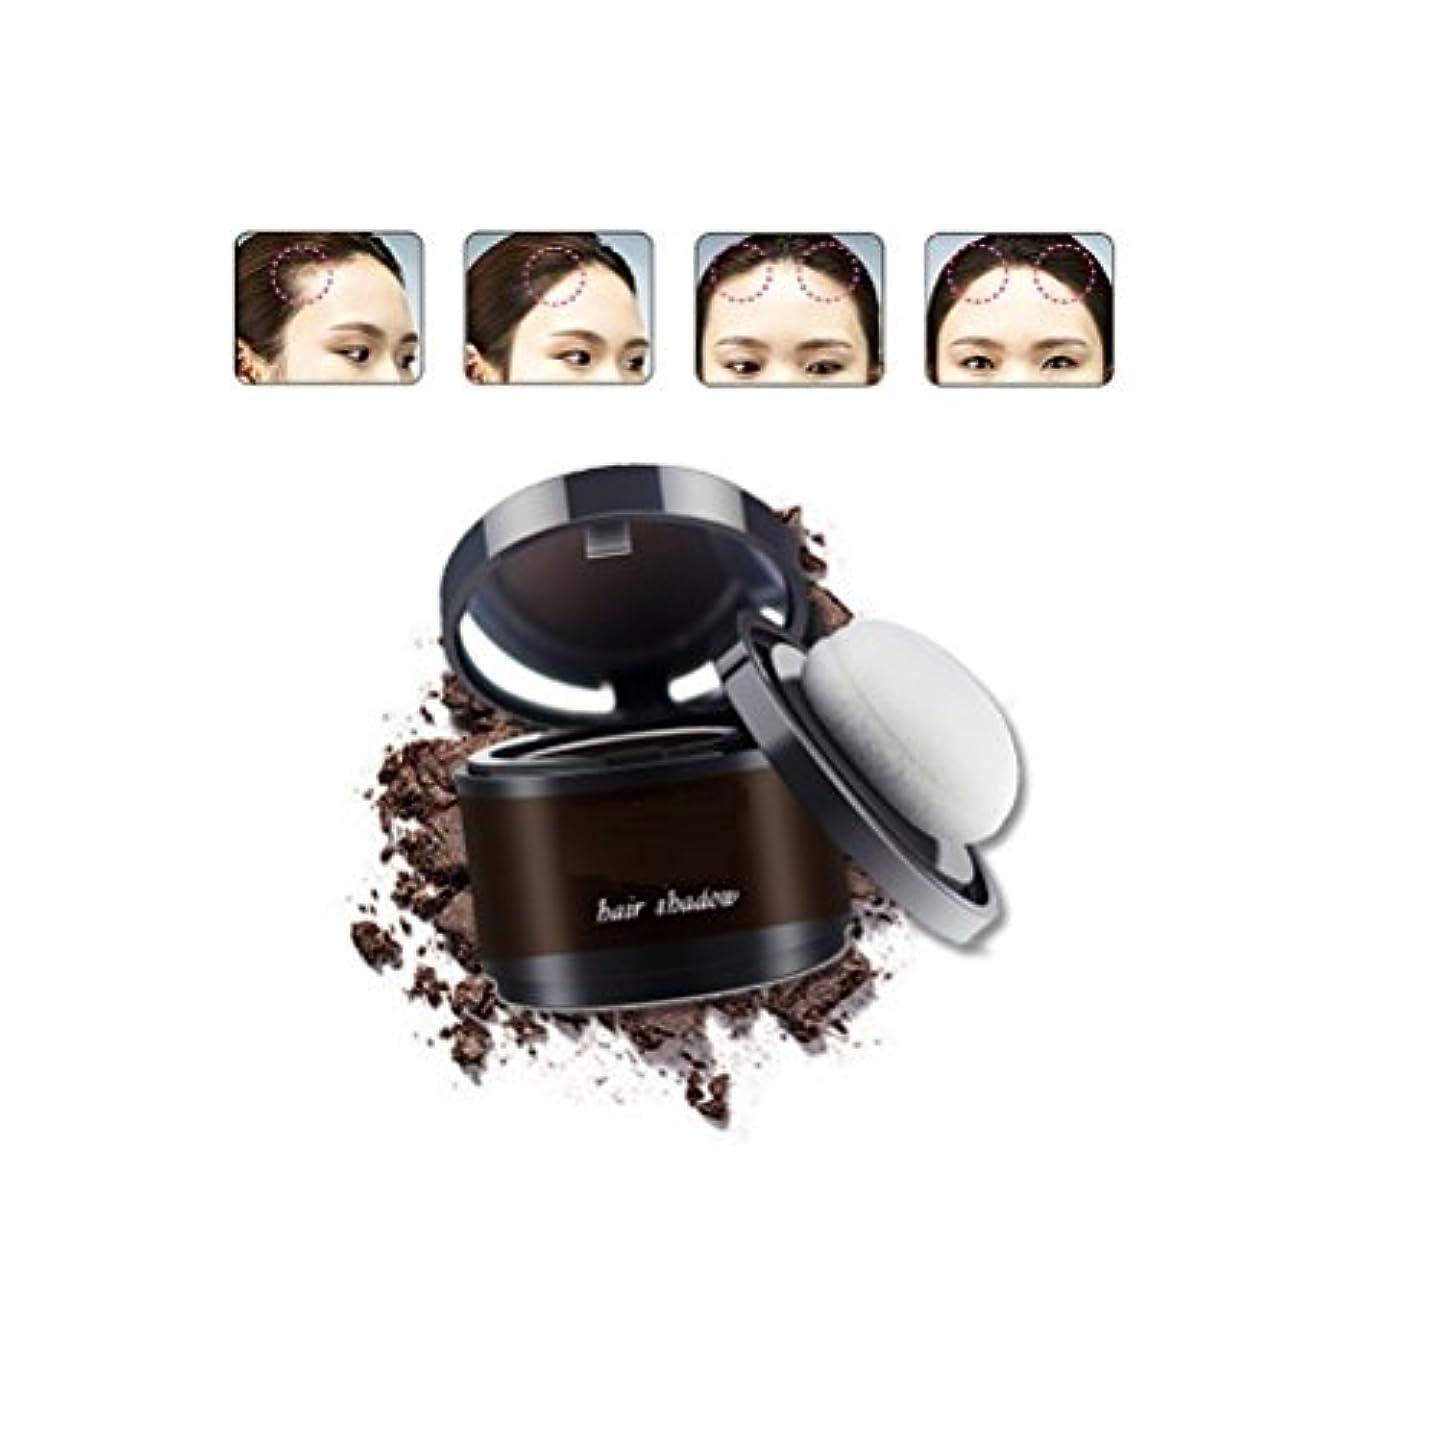 MakeupAcc ヘアラインシャドーパウダー 髪パウダー 防水 汗防ぐ 髪の生え際糸調整 白髪をカバー 4色オプション (グレー) [並行輸入品]